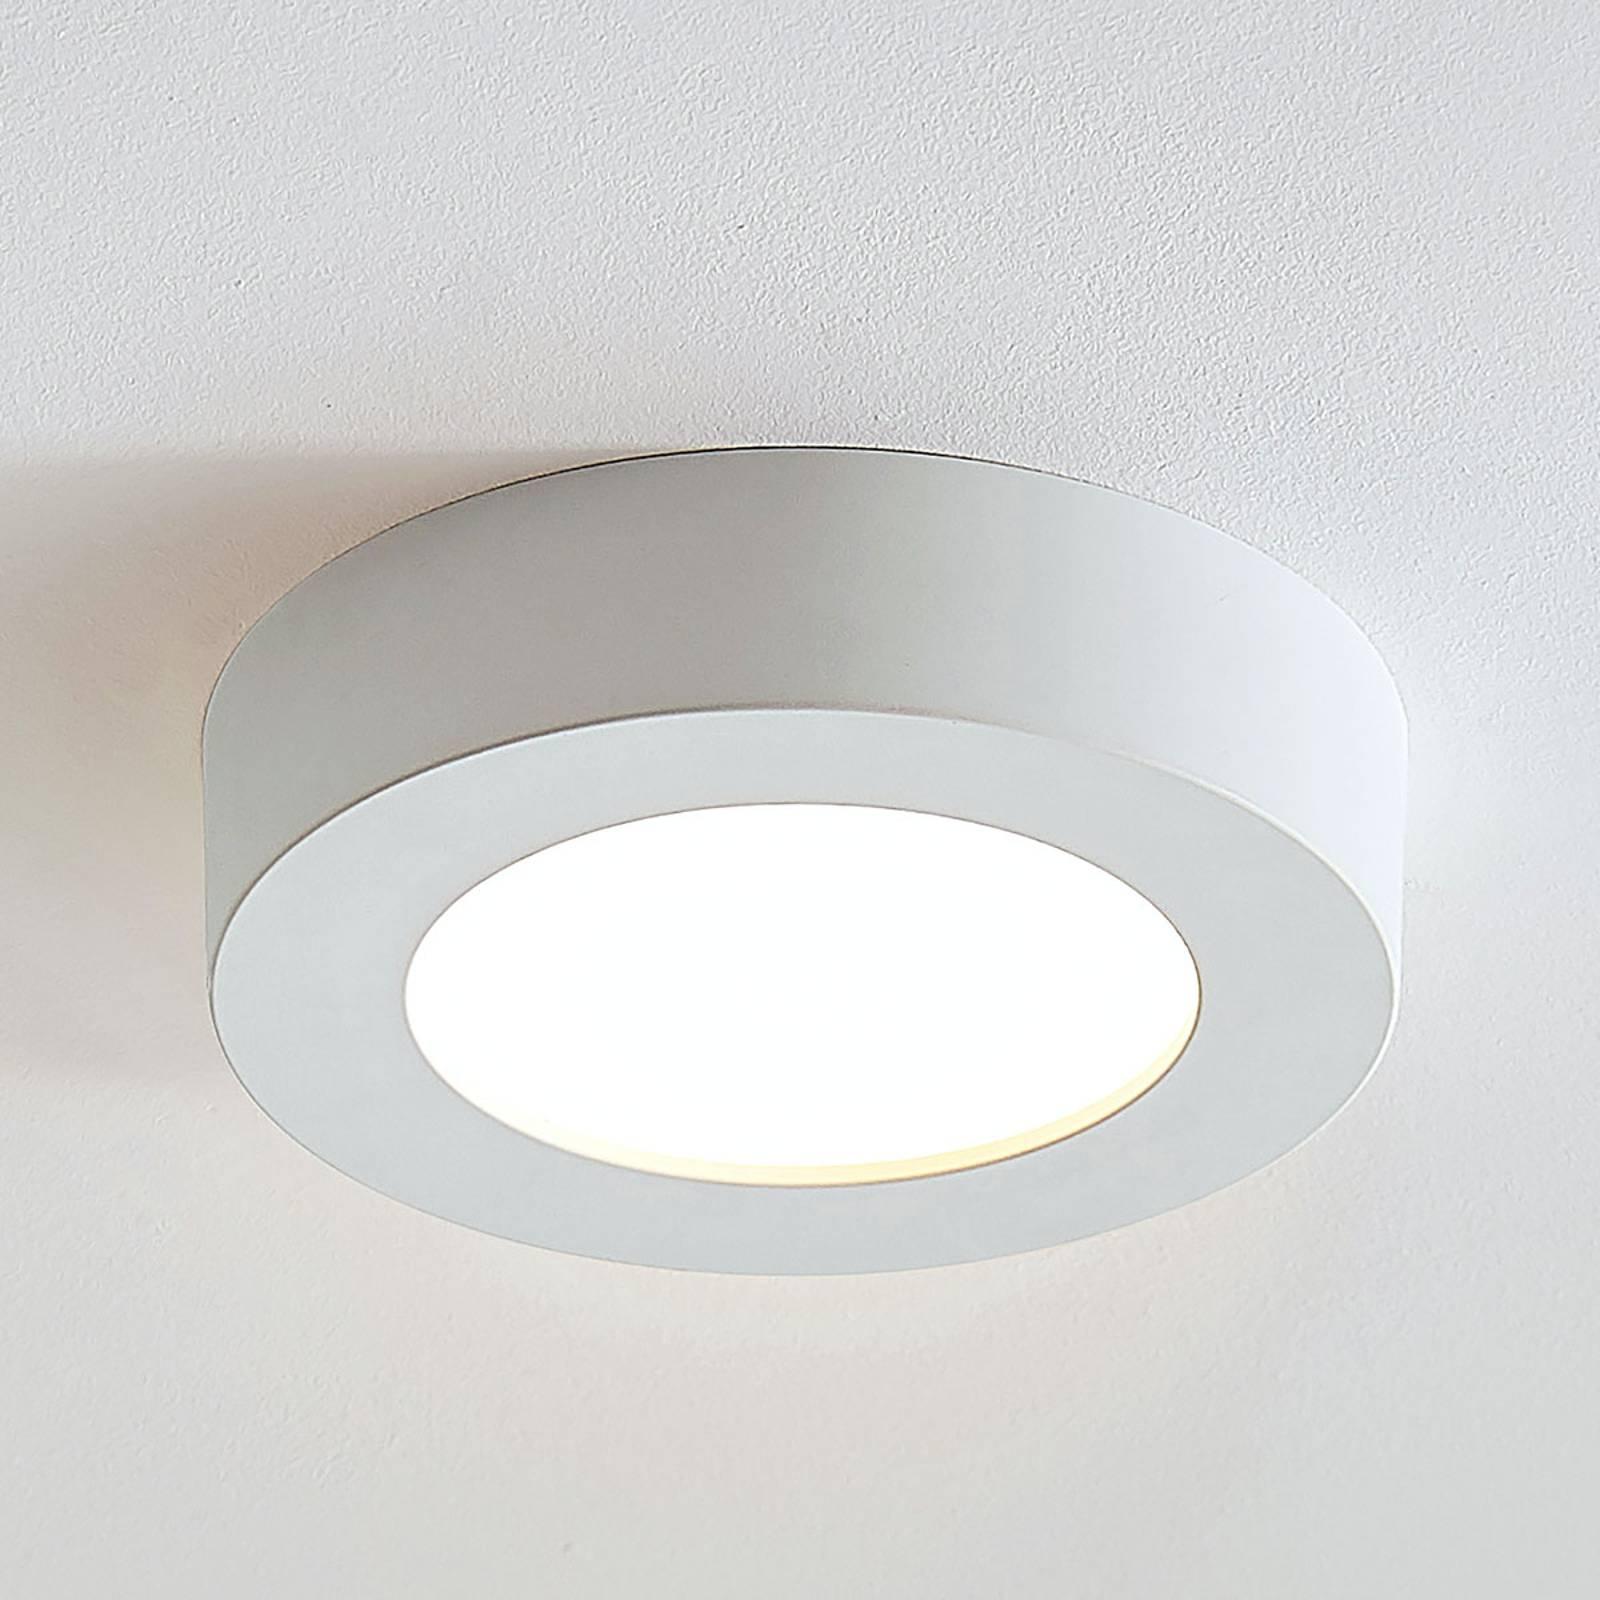 LED-kattovalaisin Marlo valk. 3000K pyöreä 18,2cm